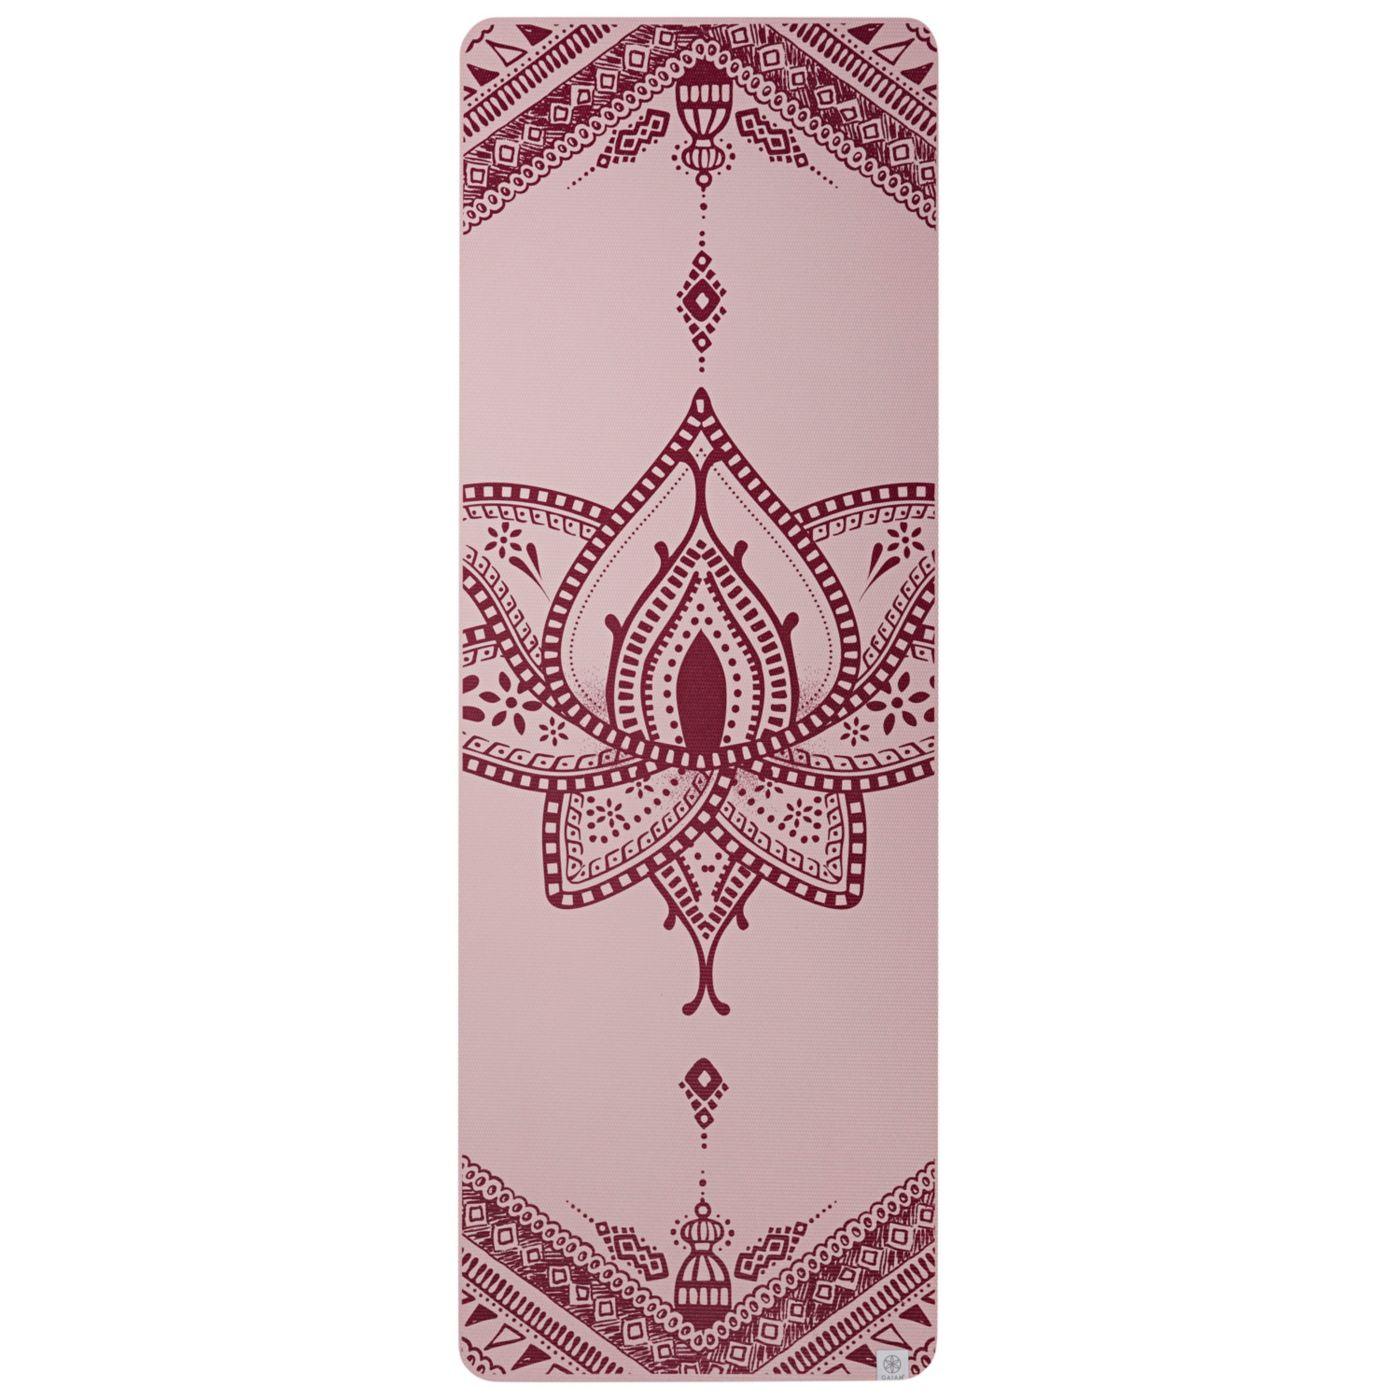 Gaiam Studio Select 6mm Premium Reversible Yoga Mat